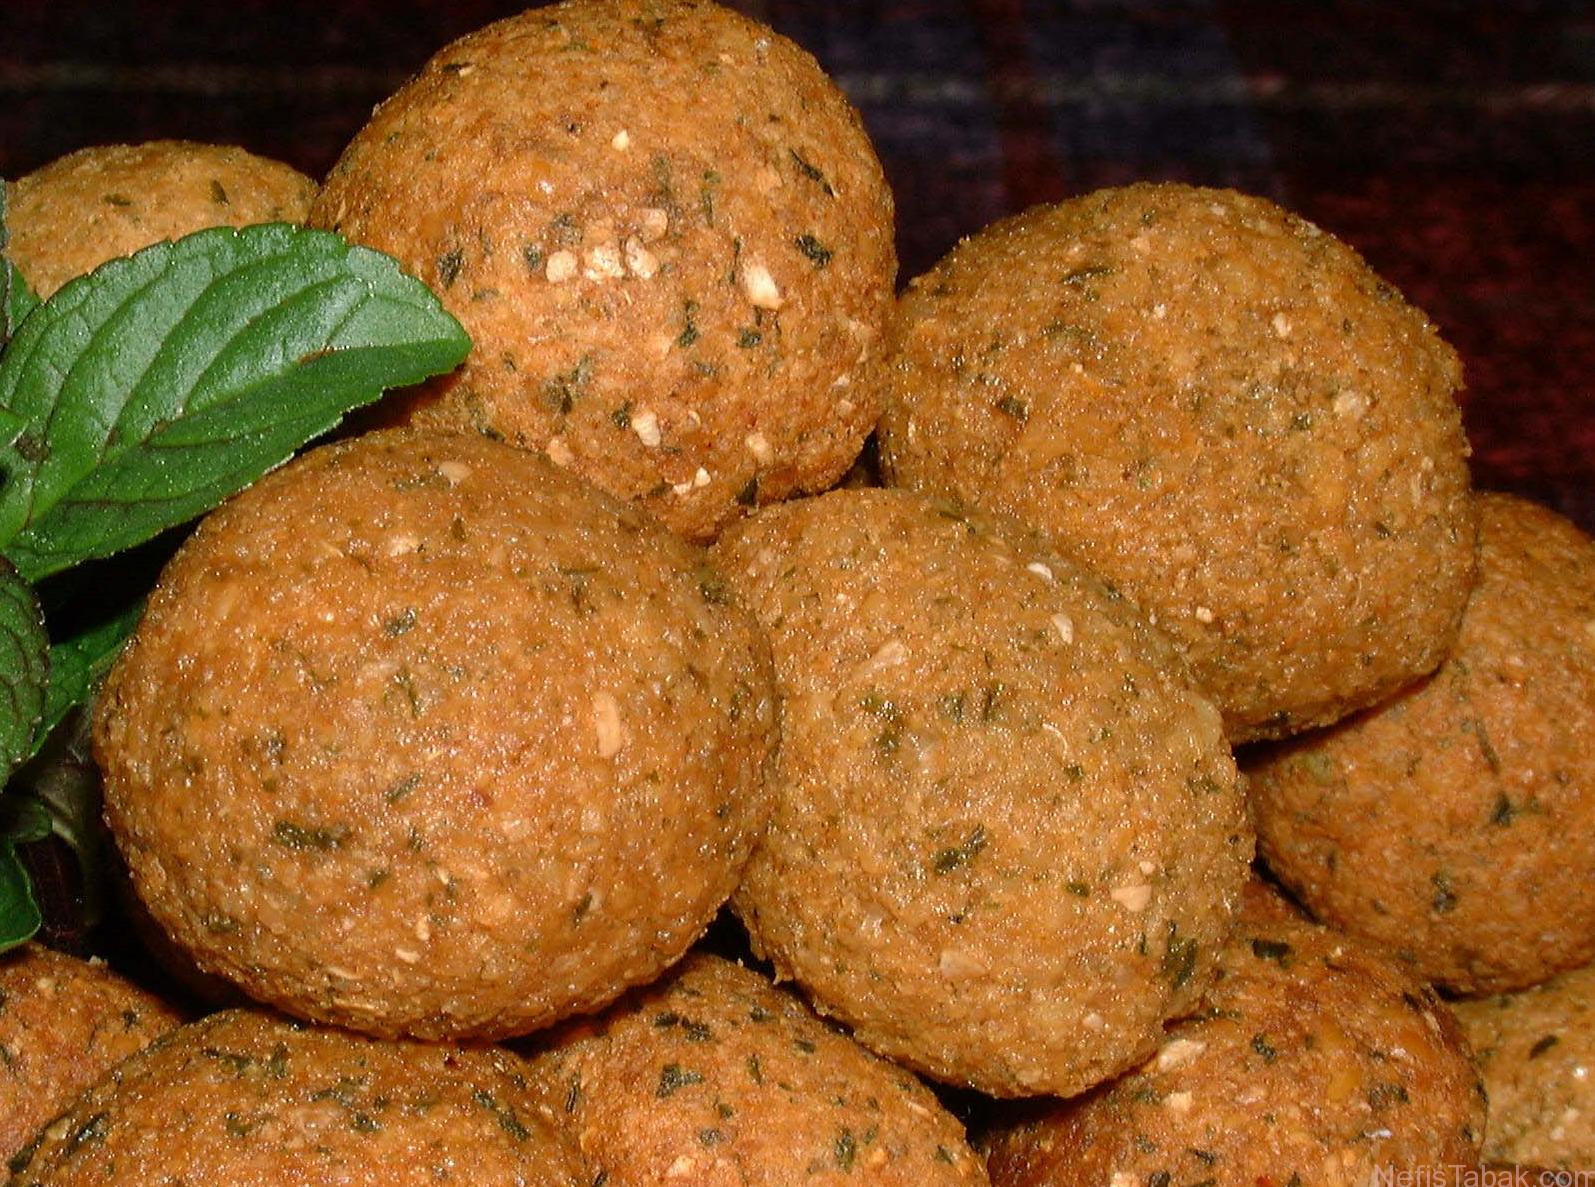 Baharatlı Tam Buğday Unlu Çörek Tarifi